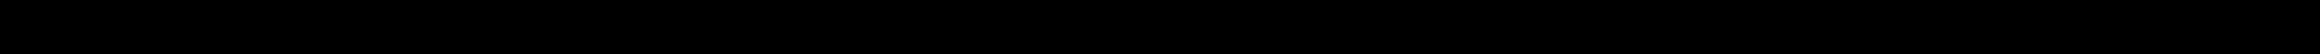 SKF 1K0 498 621, 5K0 498 621 A, 8V0 498 625, 8V0 498 625 B, 8V0 598 625 A Riteņa rumbas gultņa komplekts